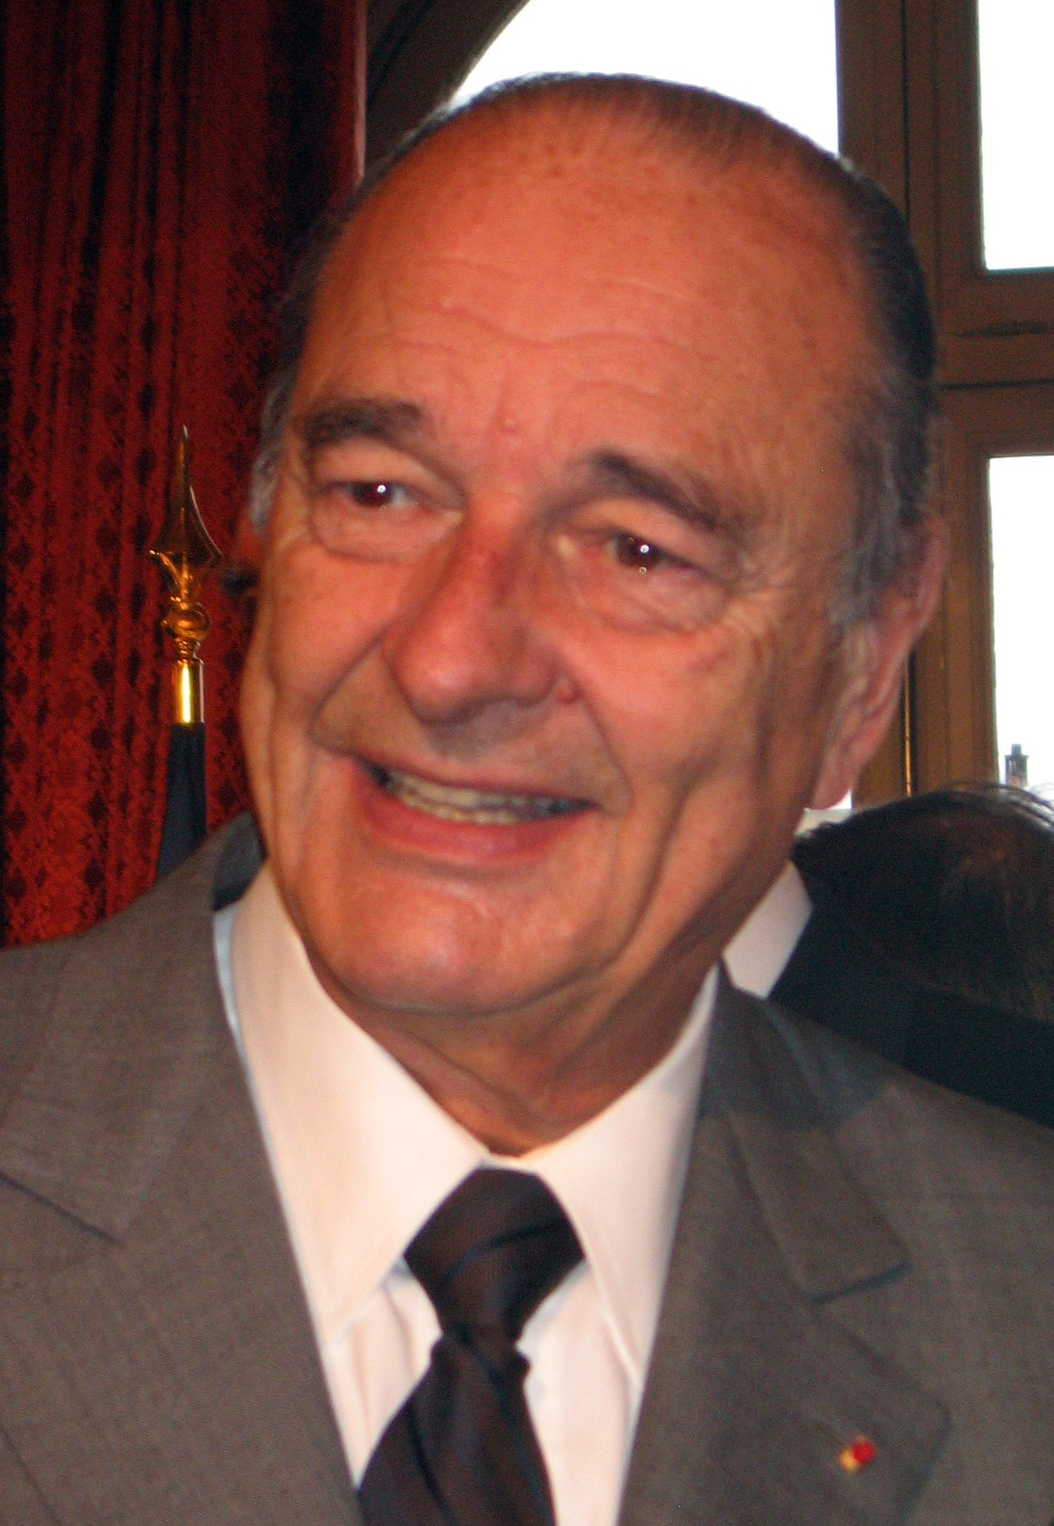 Jacques Chirac at the Palais de l'Élysée in Paris.